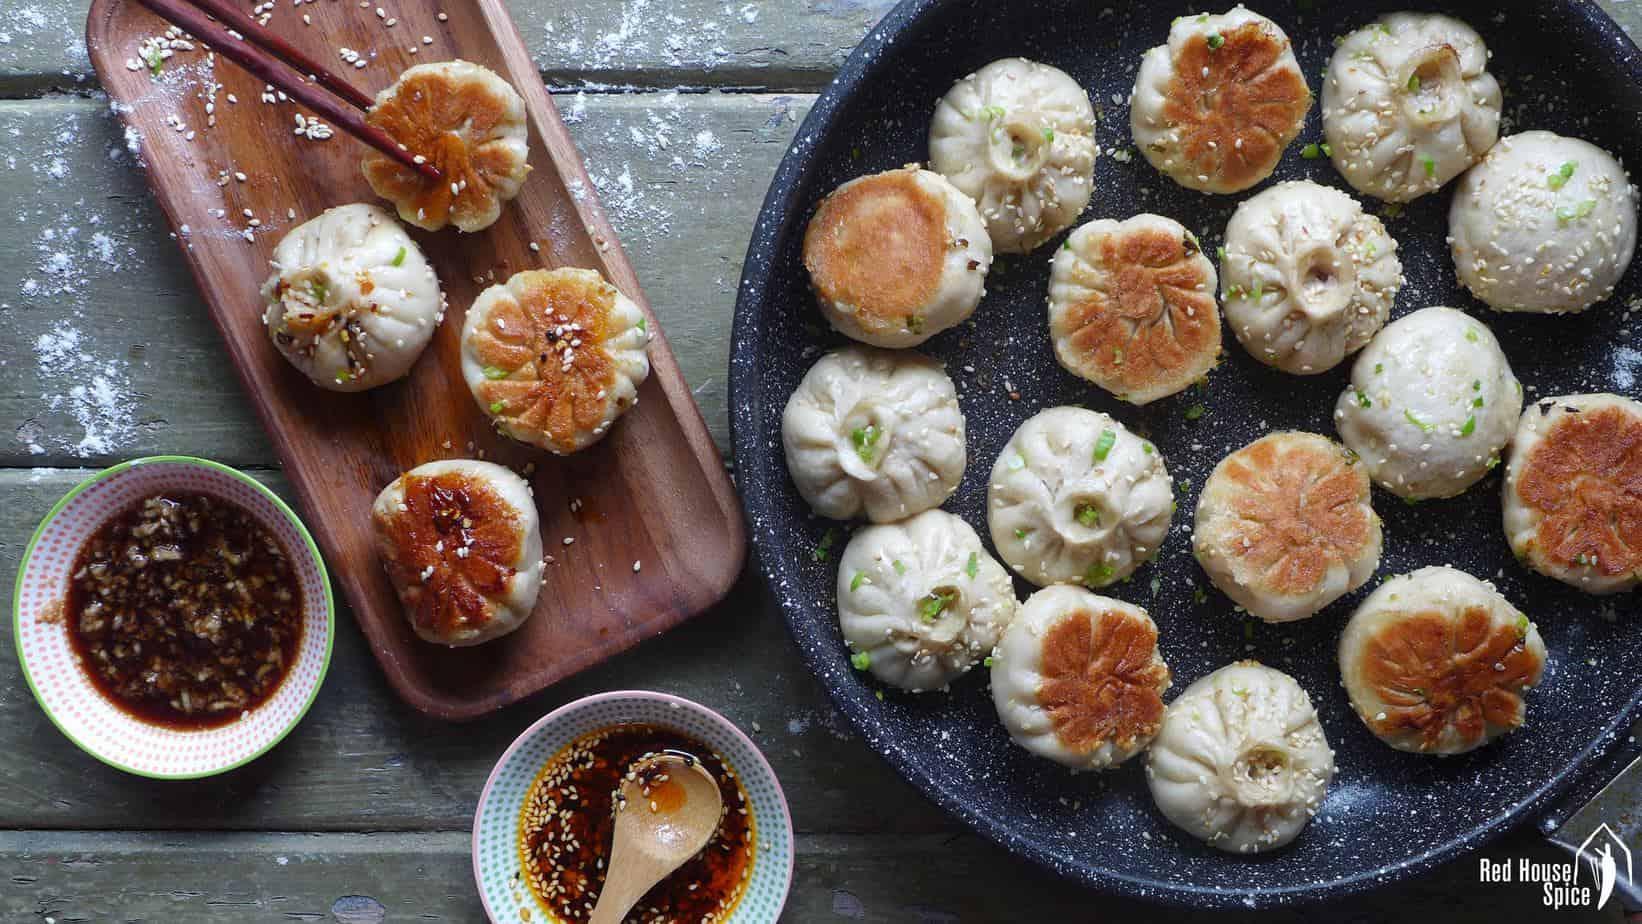 Sheng Jian Bao (pan-fried pork buns) in a plate and in a frying pan.